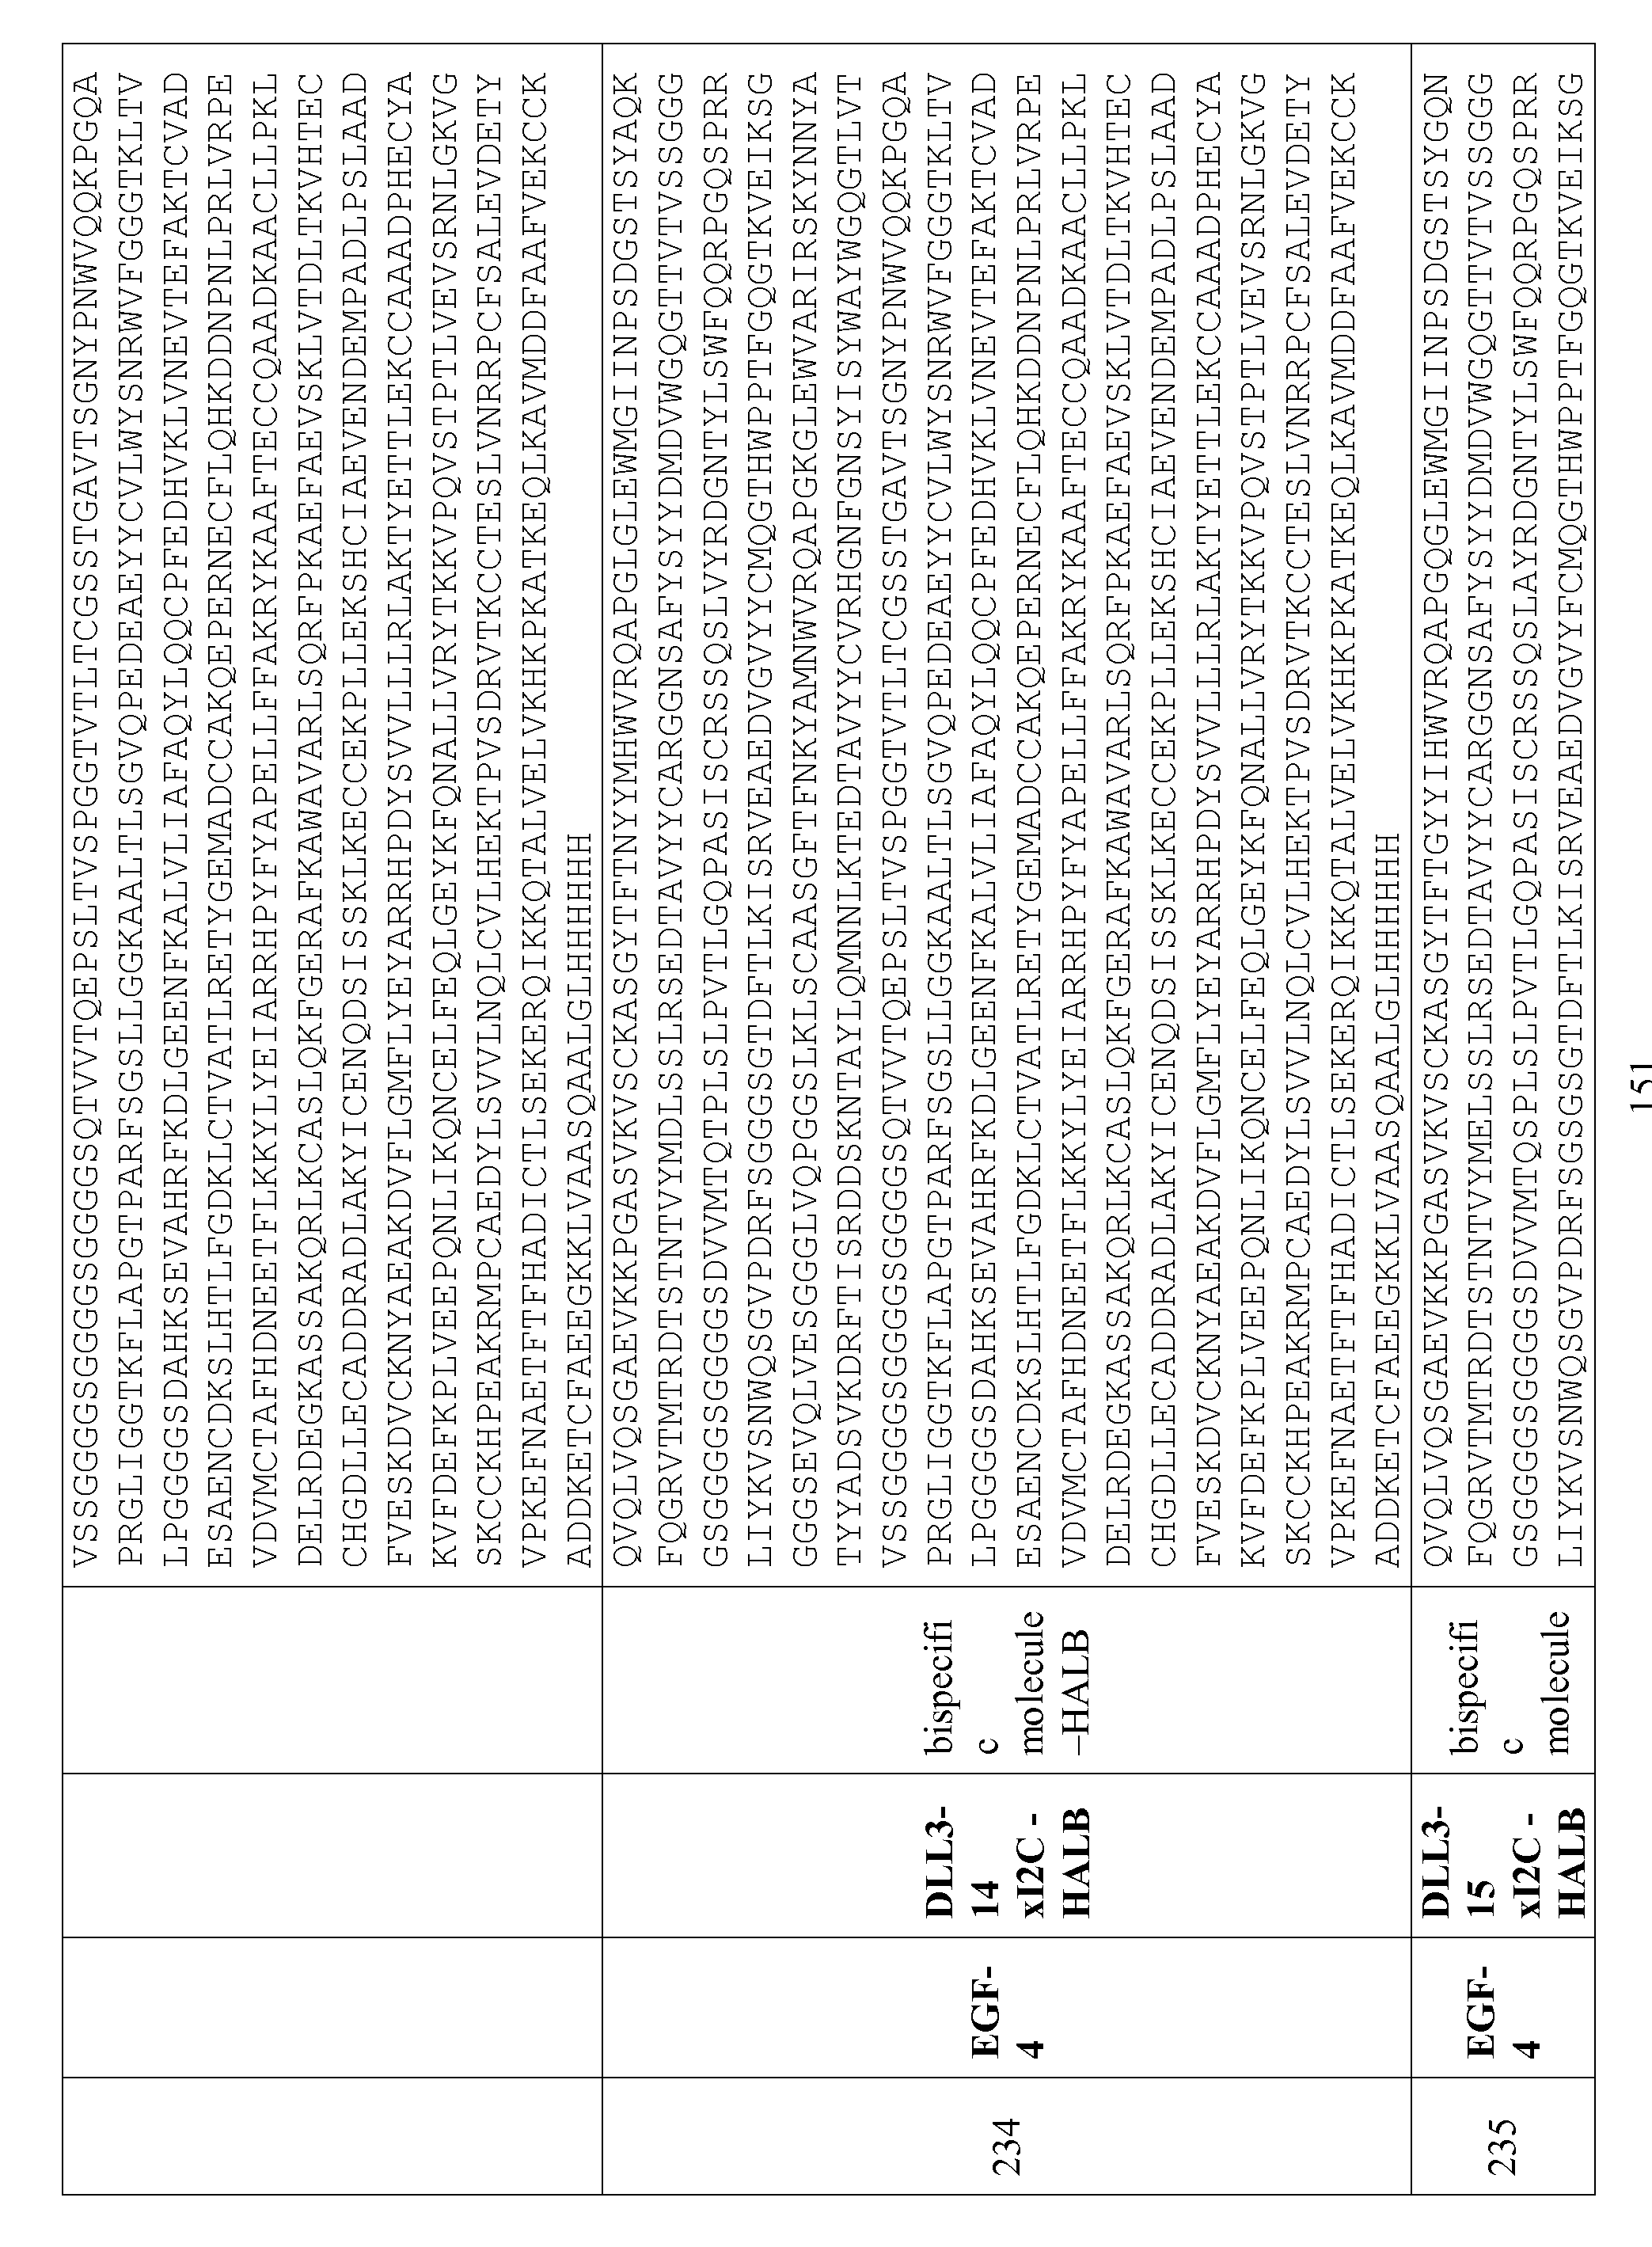 Figure imgf000152_0001